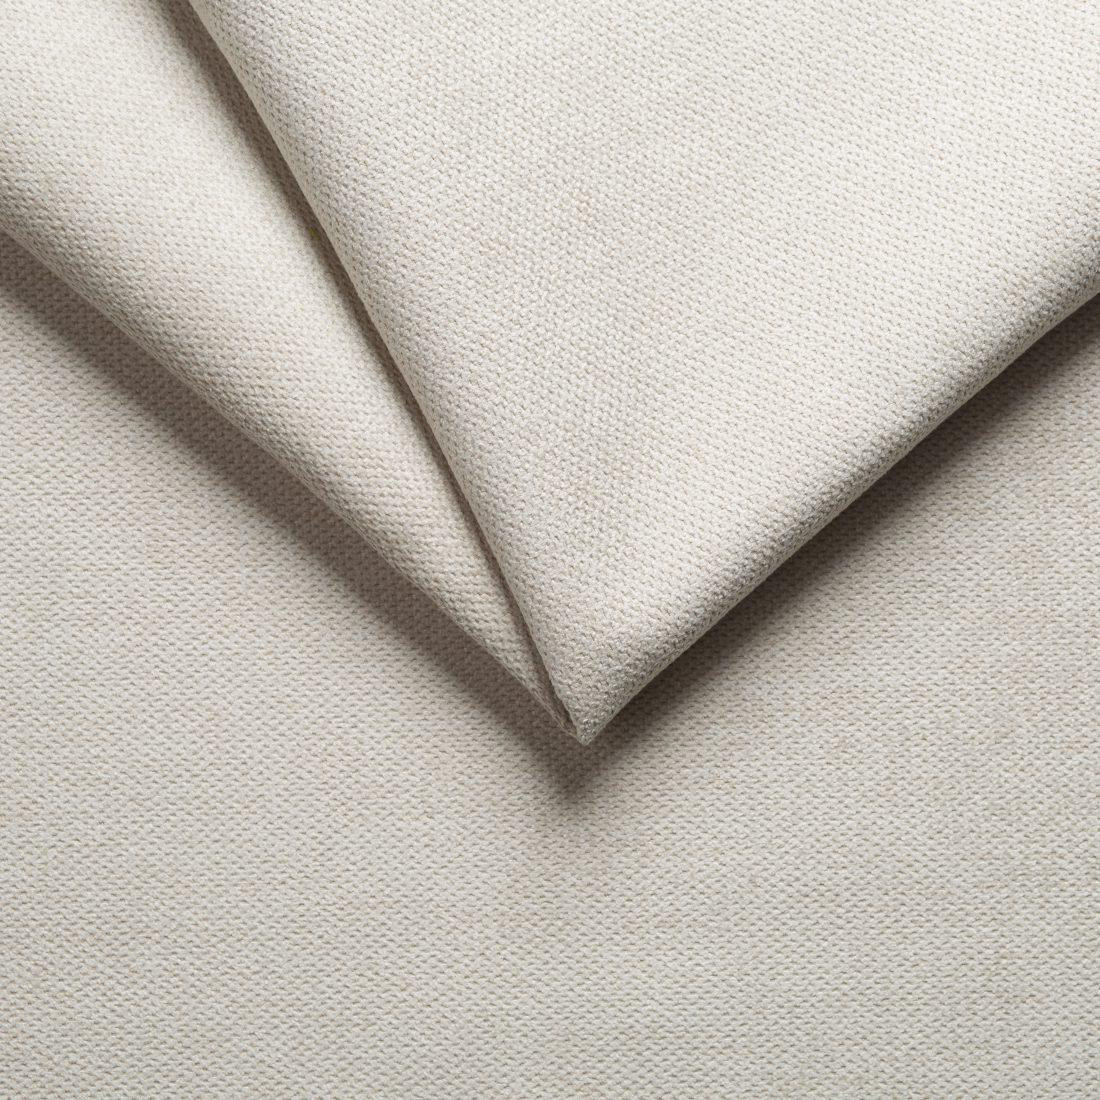 Мебельная ткань Enjoy 1 Beige, микрофибра